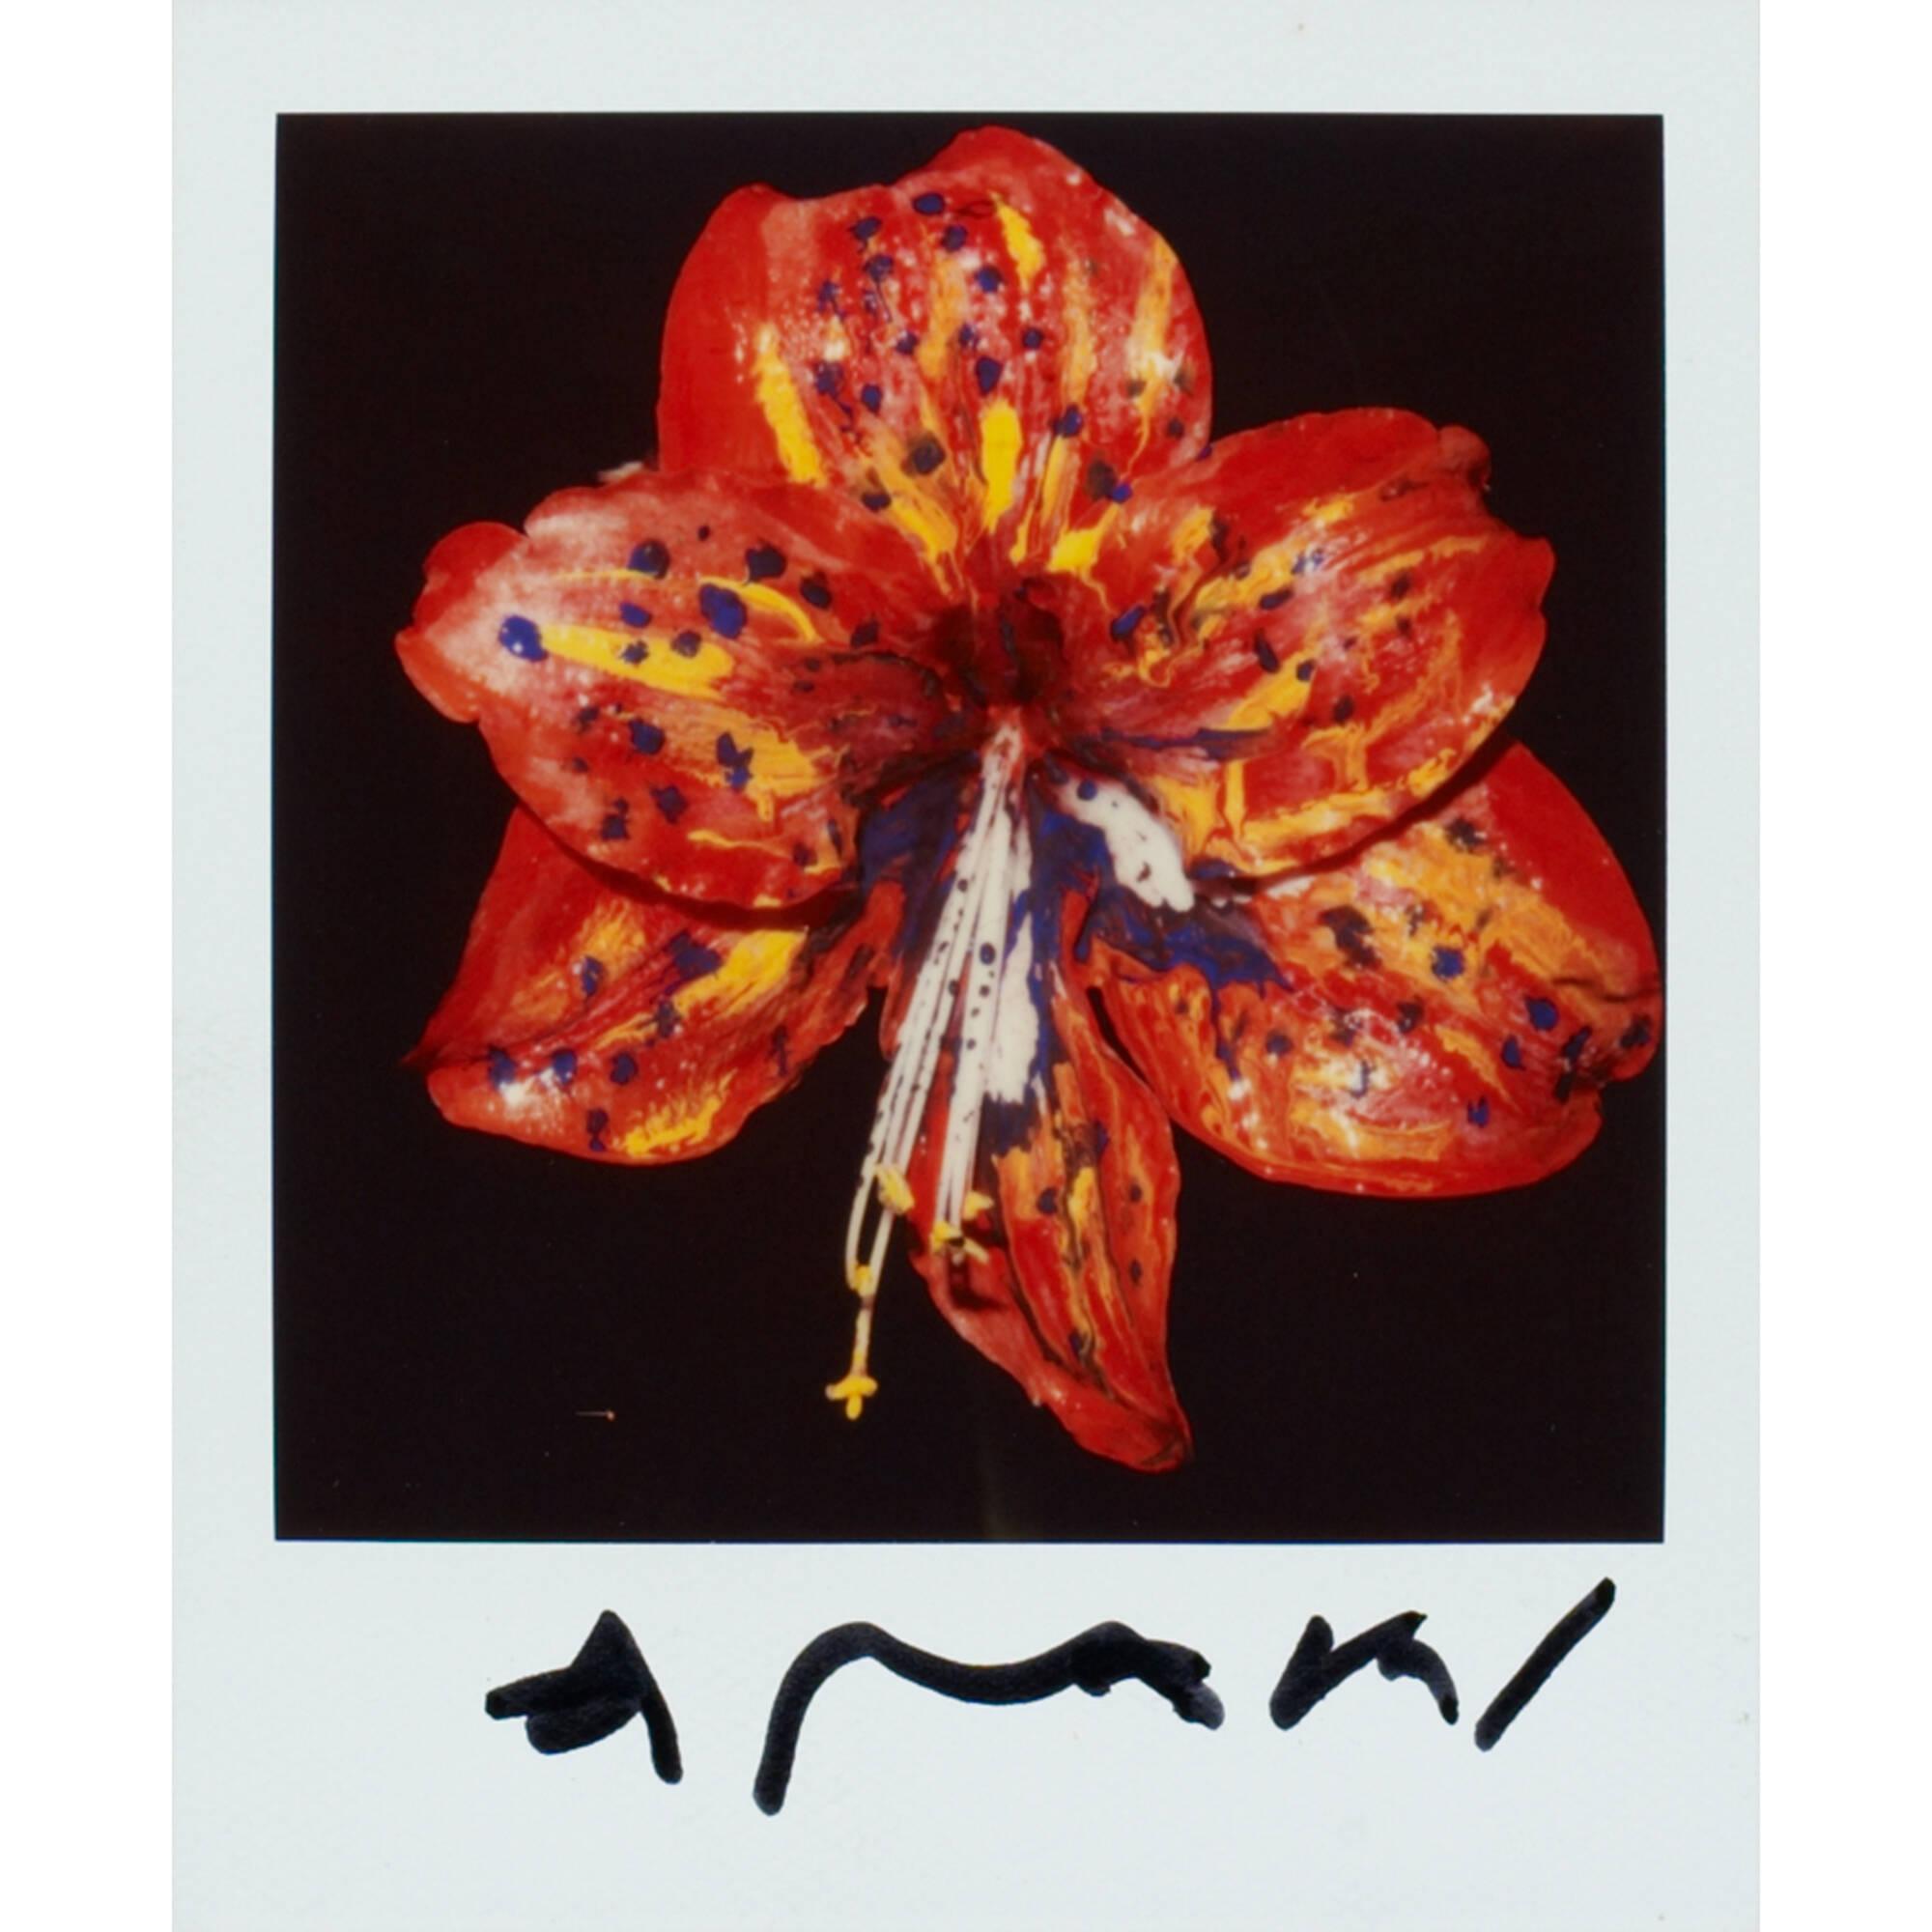 856: NOBUYOSHI ARAKI, untitled (Flowers)